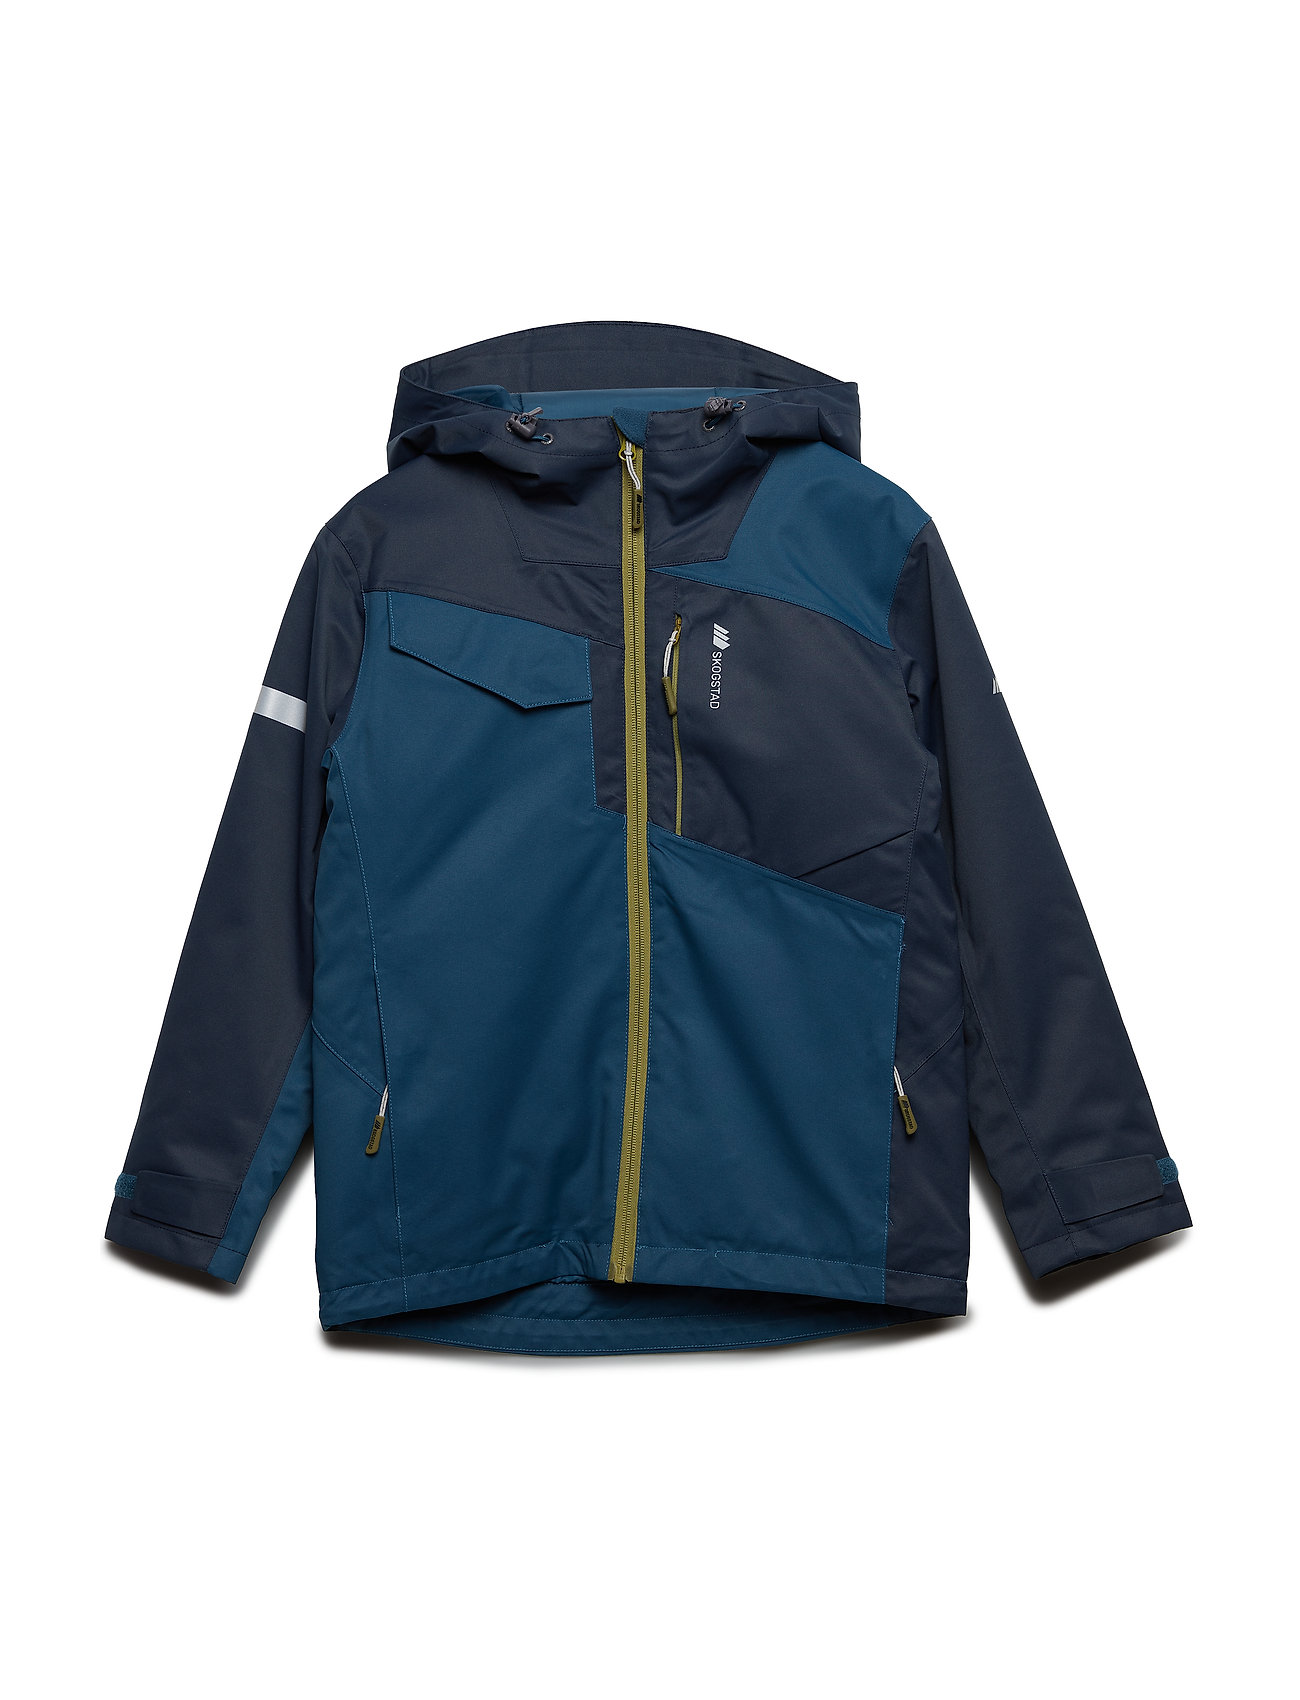 Skogstad Hjellvika 2-Layer Technical Jacket 462374665